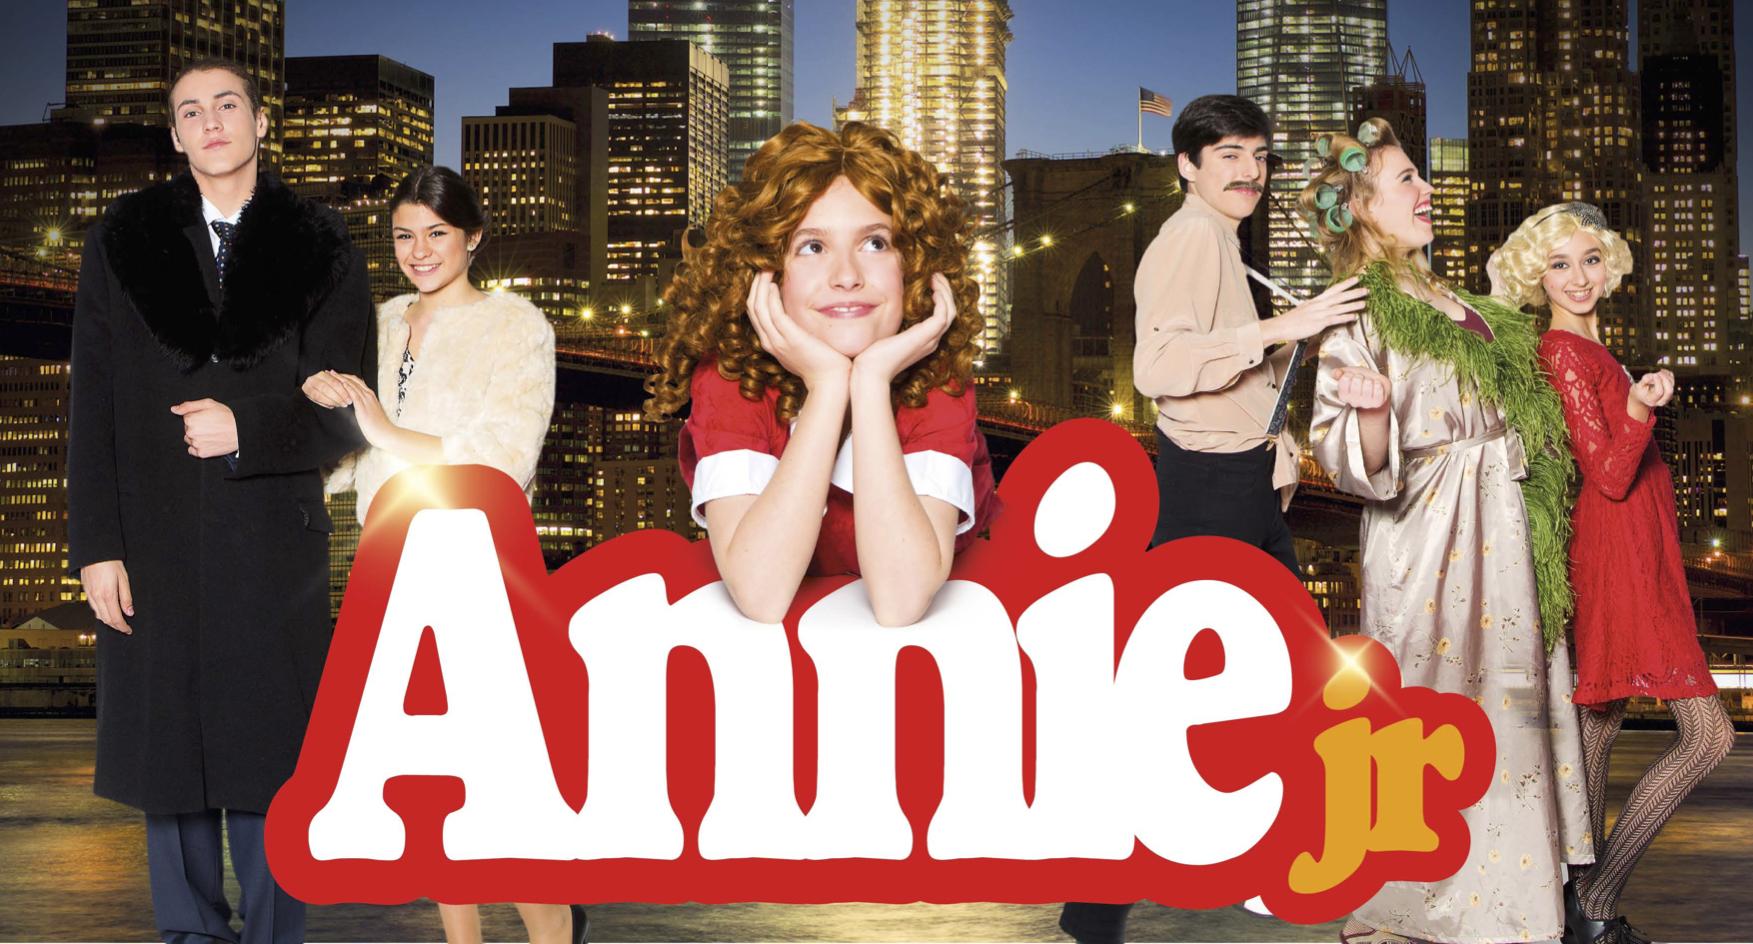 El musical ANNIE JR. se estrena en el teatro Reina Victoria